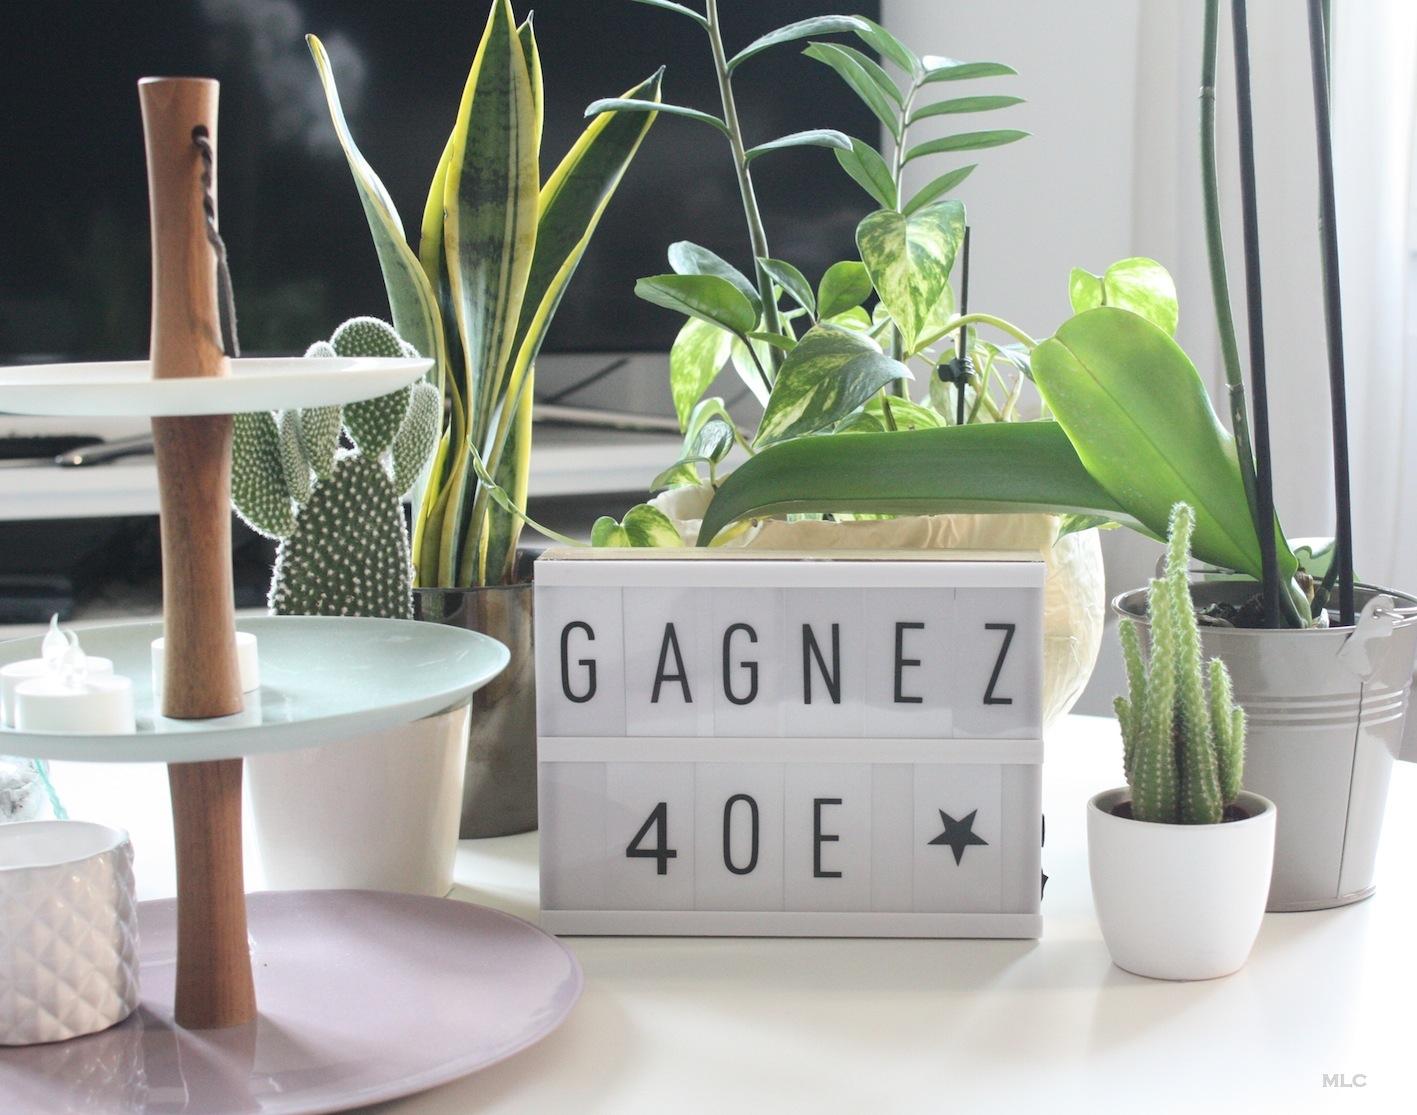 Le La Blog Mlc De Chaise Longueamp; Concours Déco srCxthQd